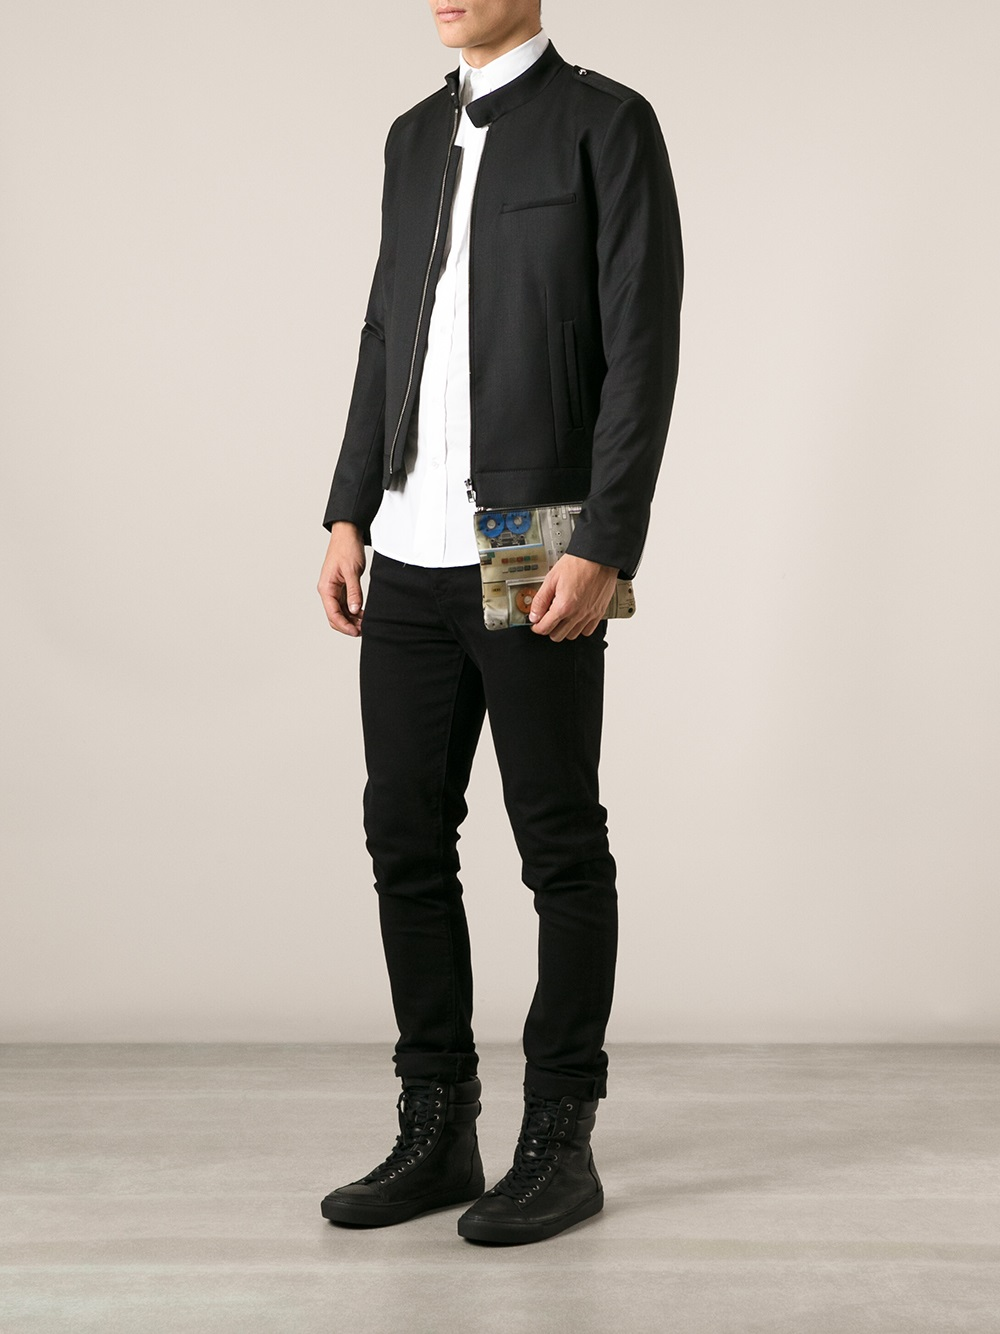 10614477_3065870_1000 Сумки Живанши Givenchy интернет-магазин